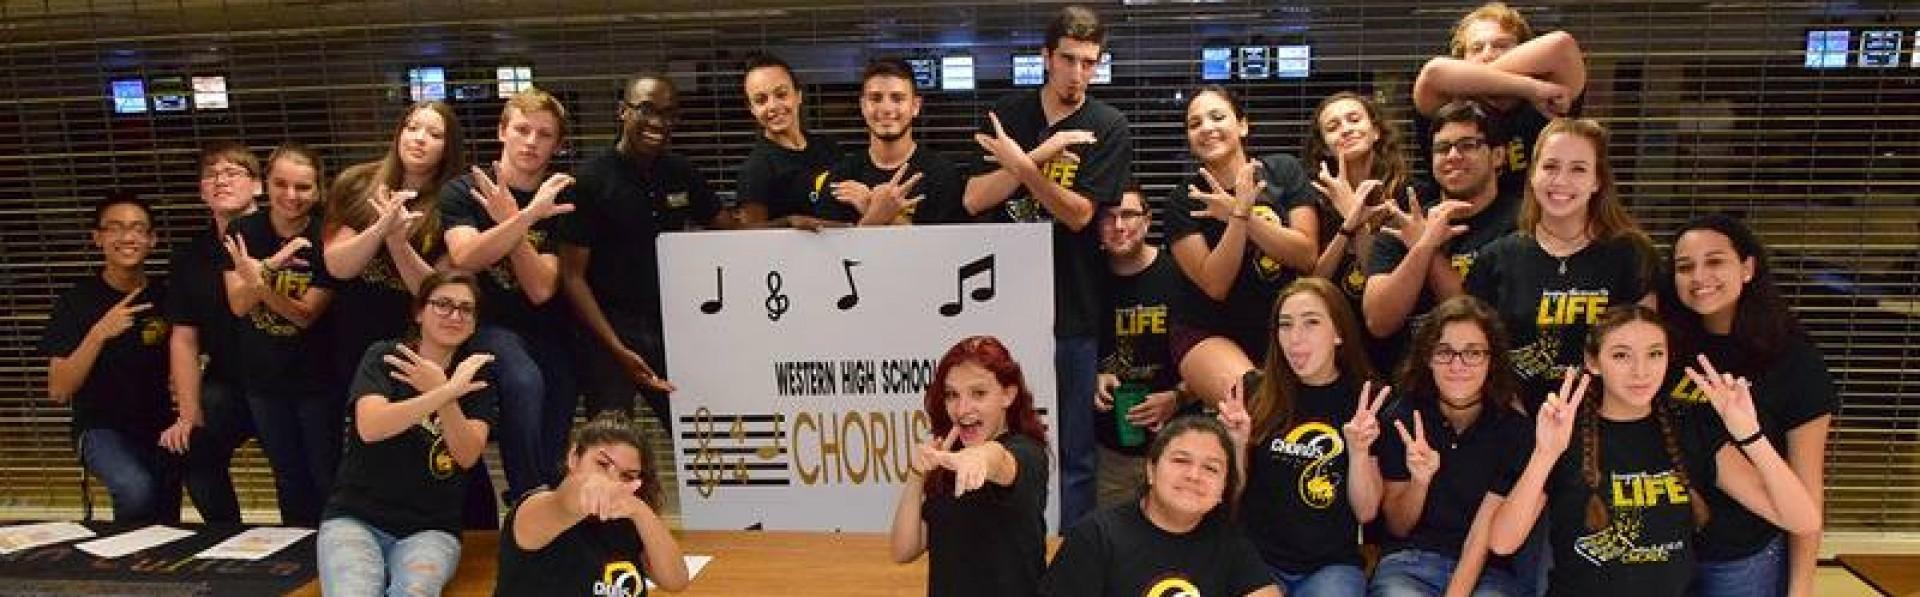 Western High Chorus